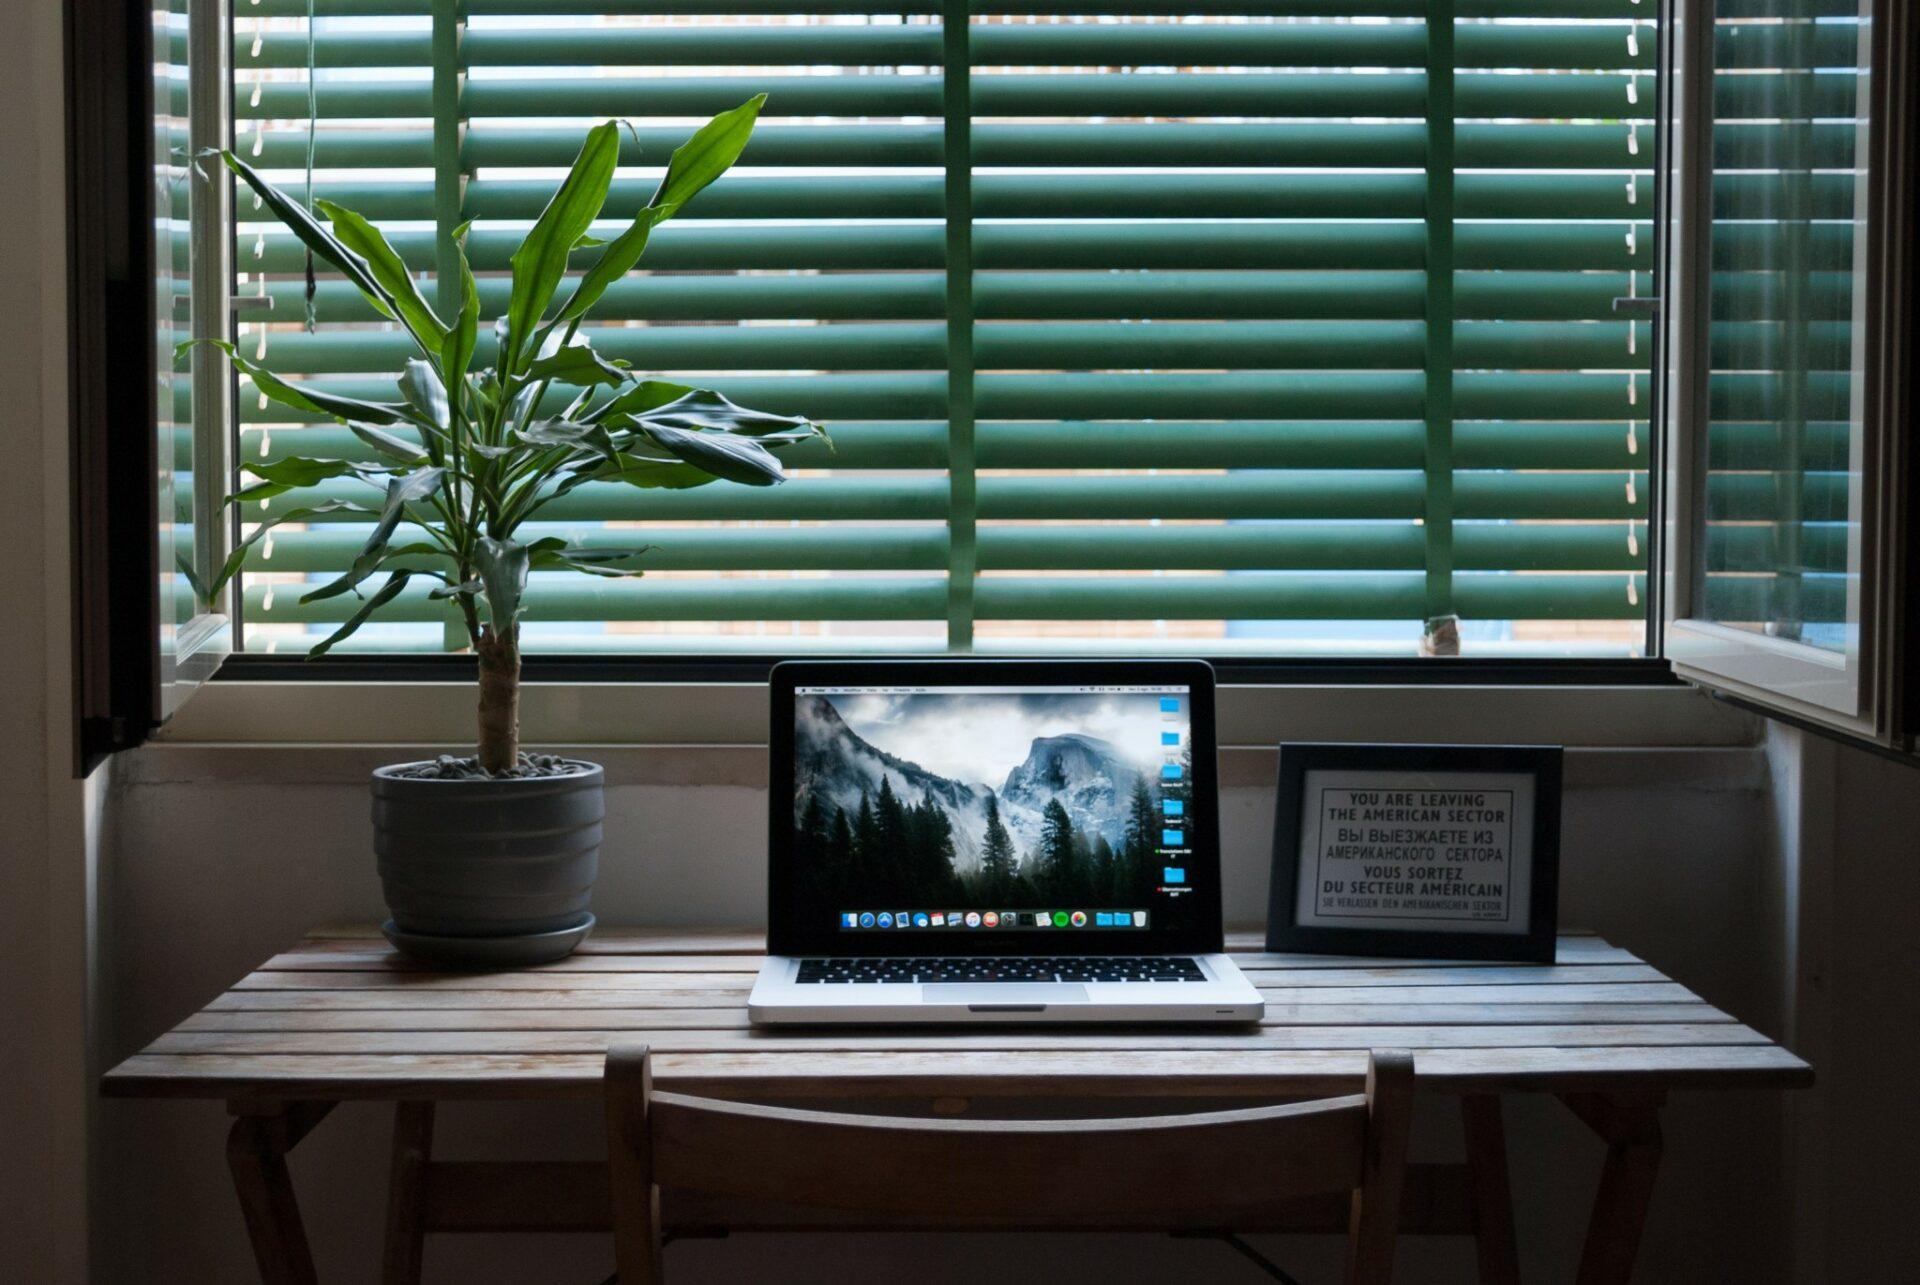 Psychológ aodborník na výživu radí, ako zvládnuť dlhodobý home office